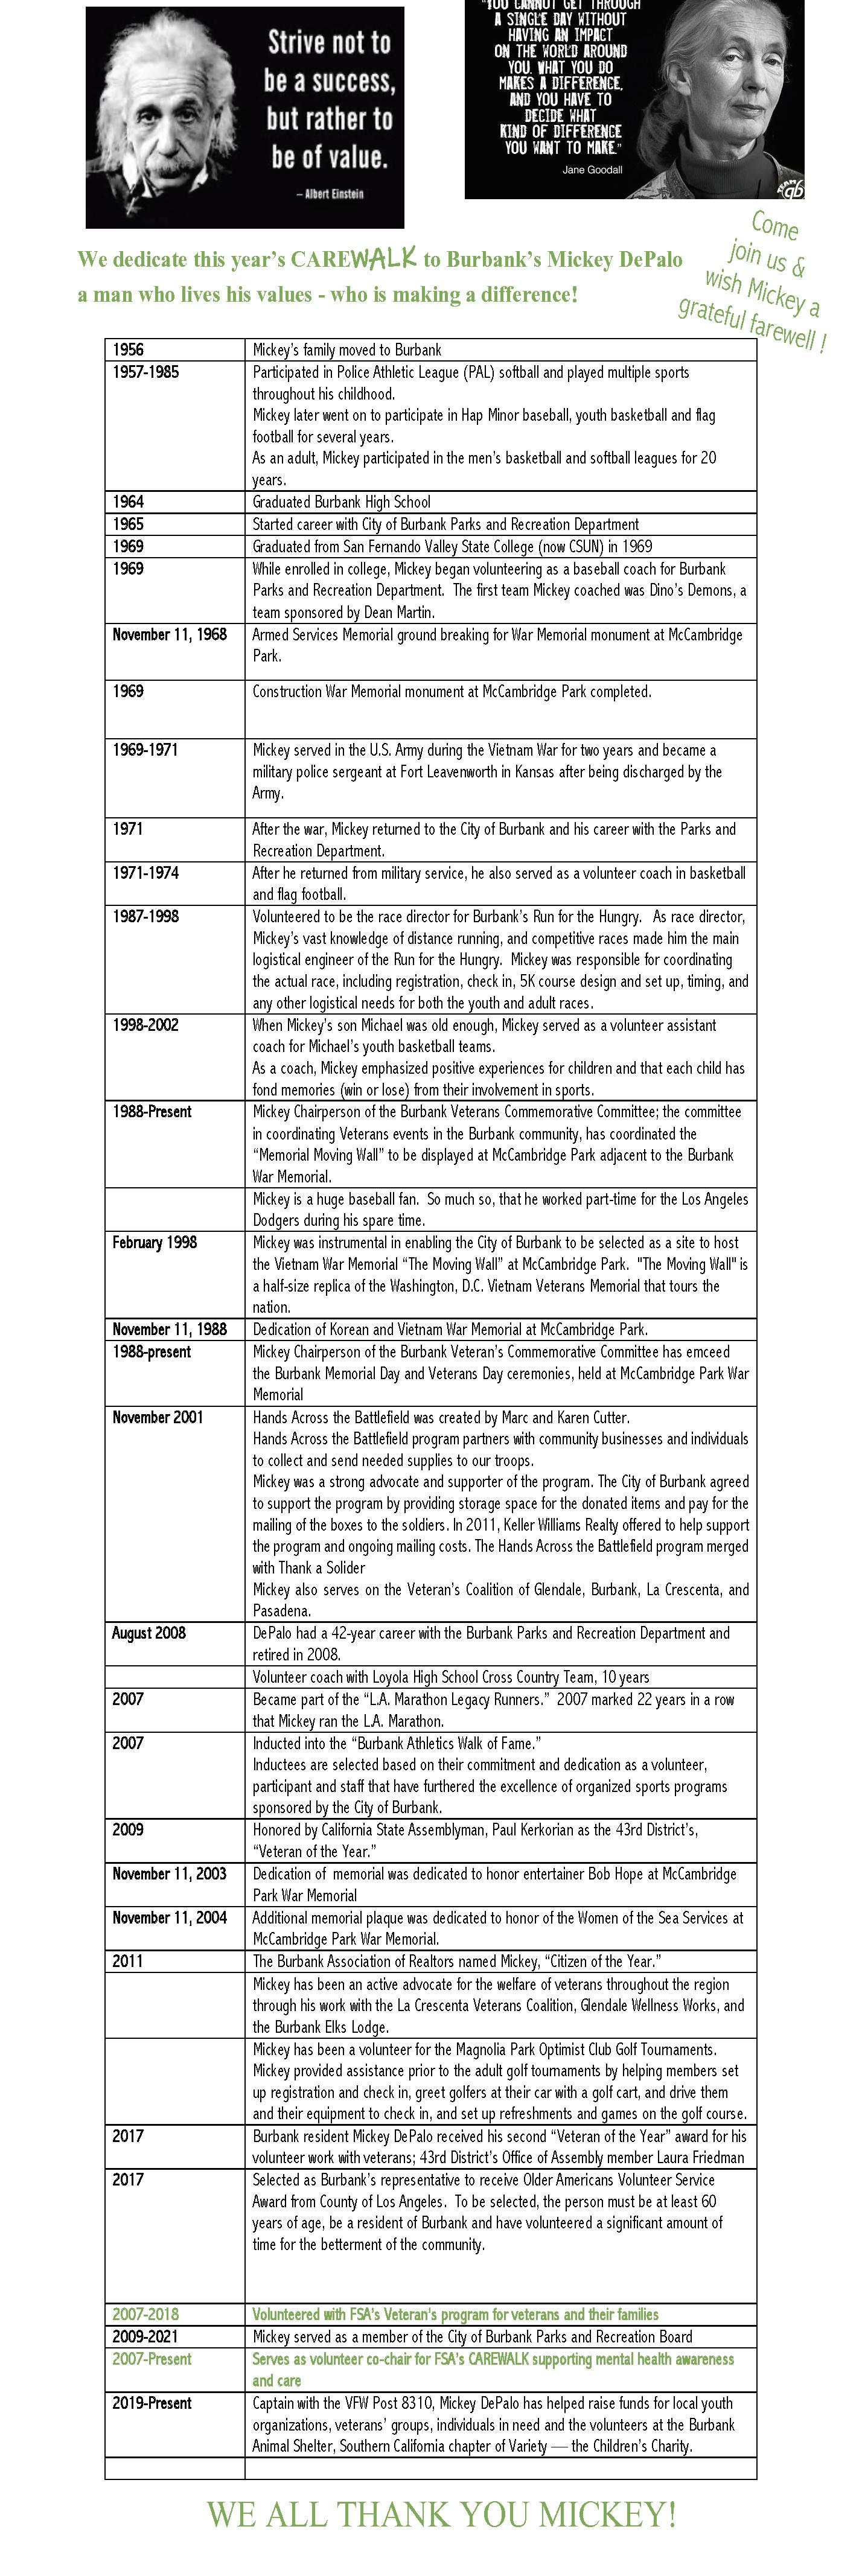 Mickey Depalo timeline2__